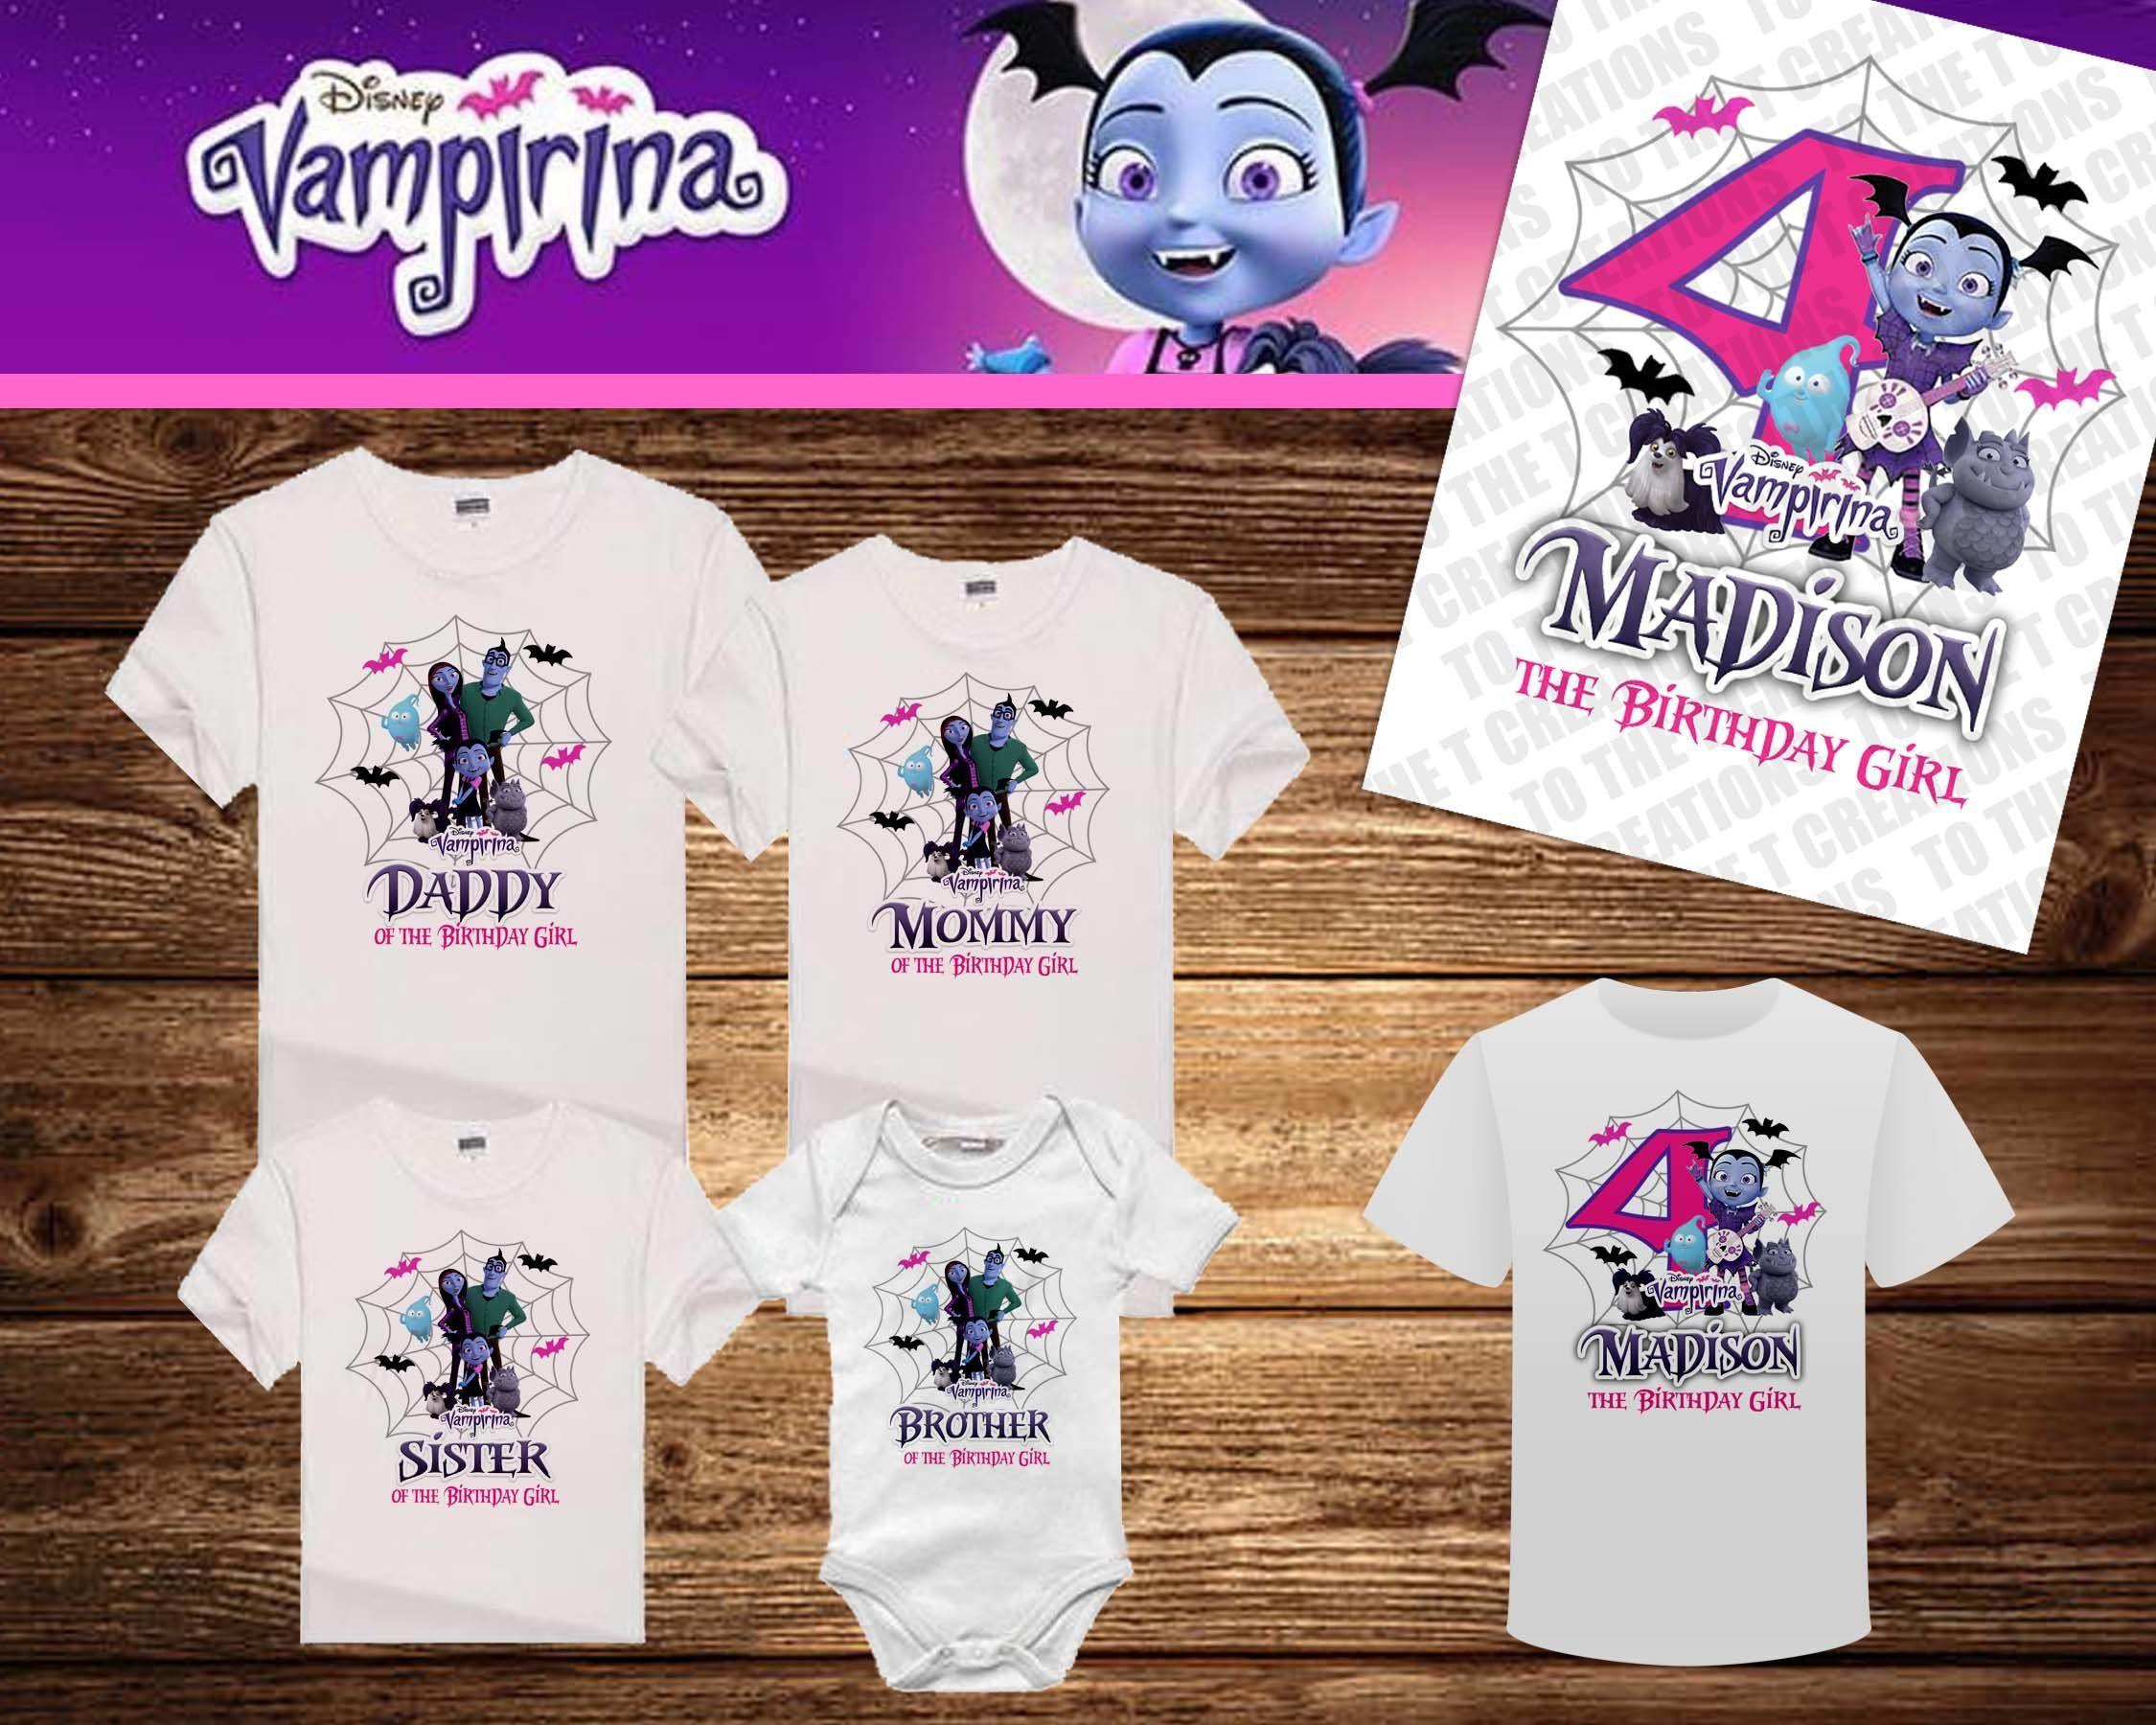 dd792357f Vampirina Personalized Birthday Shirt - Tshirt - Onesie - Mom - Dad - Sister  - Brother - Birthday - Any Name by TotheTCreations on Etsy